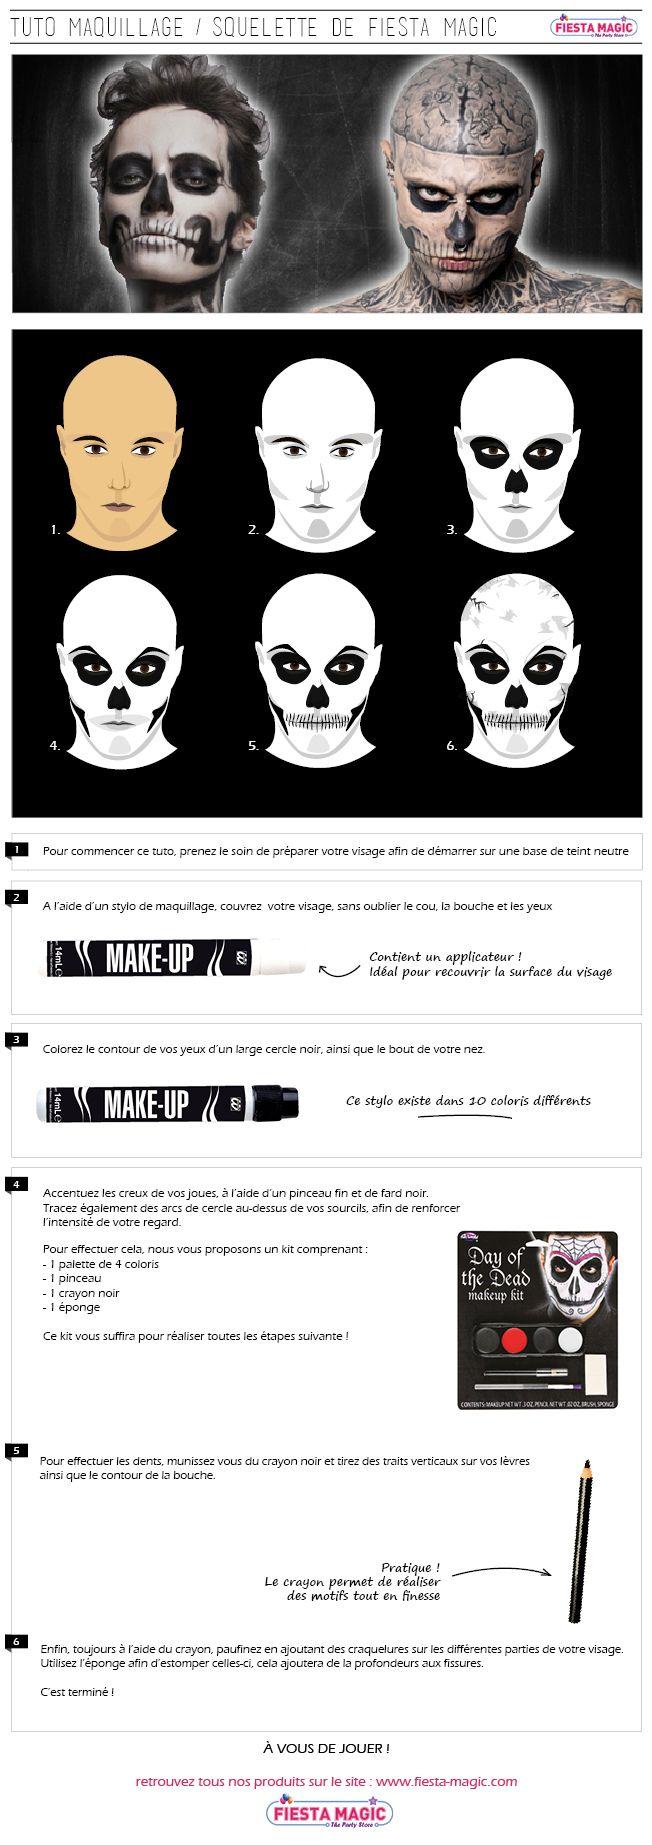 Super tuto réalisé par fiesta magic expliquant comment vous pouvez vous maquiller en squelette comme rob zombie.